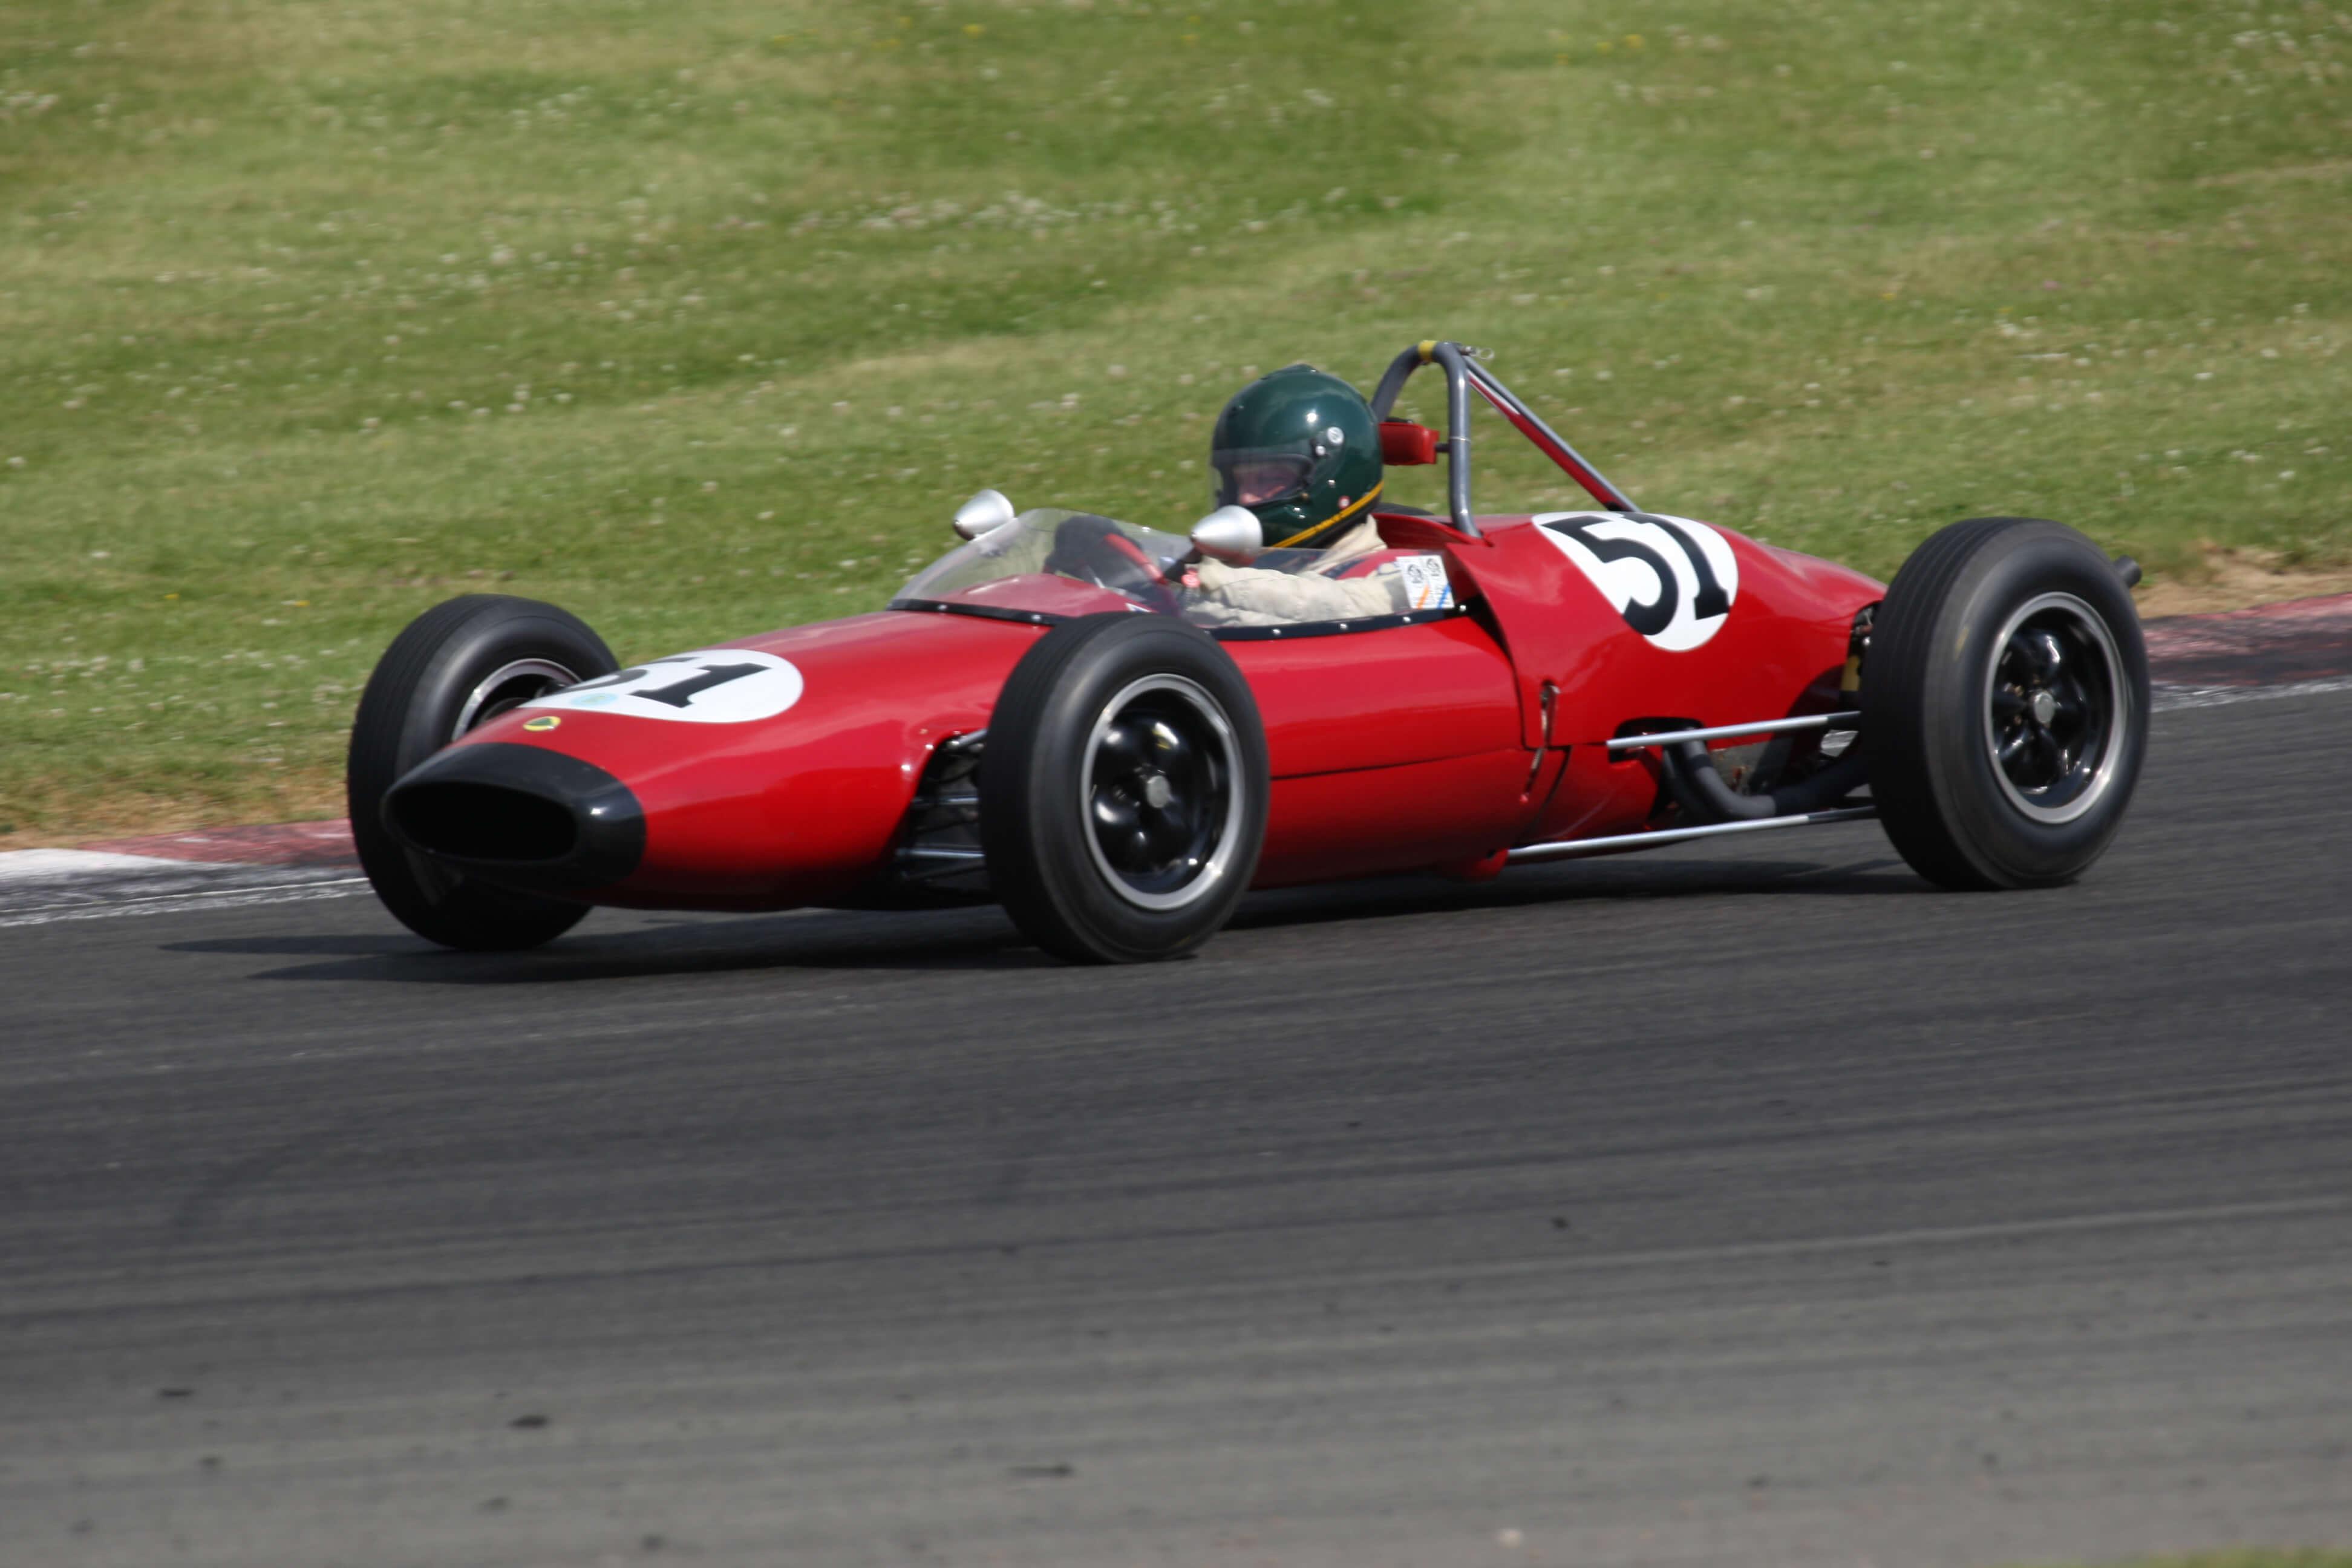 LOTUS 22 FJ racing car | Formula Junior marques - FJHRA